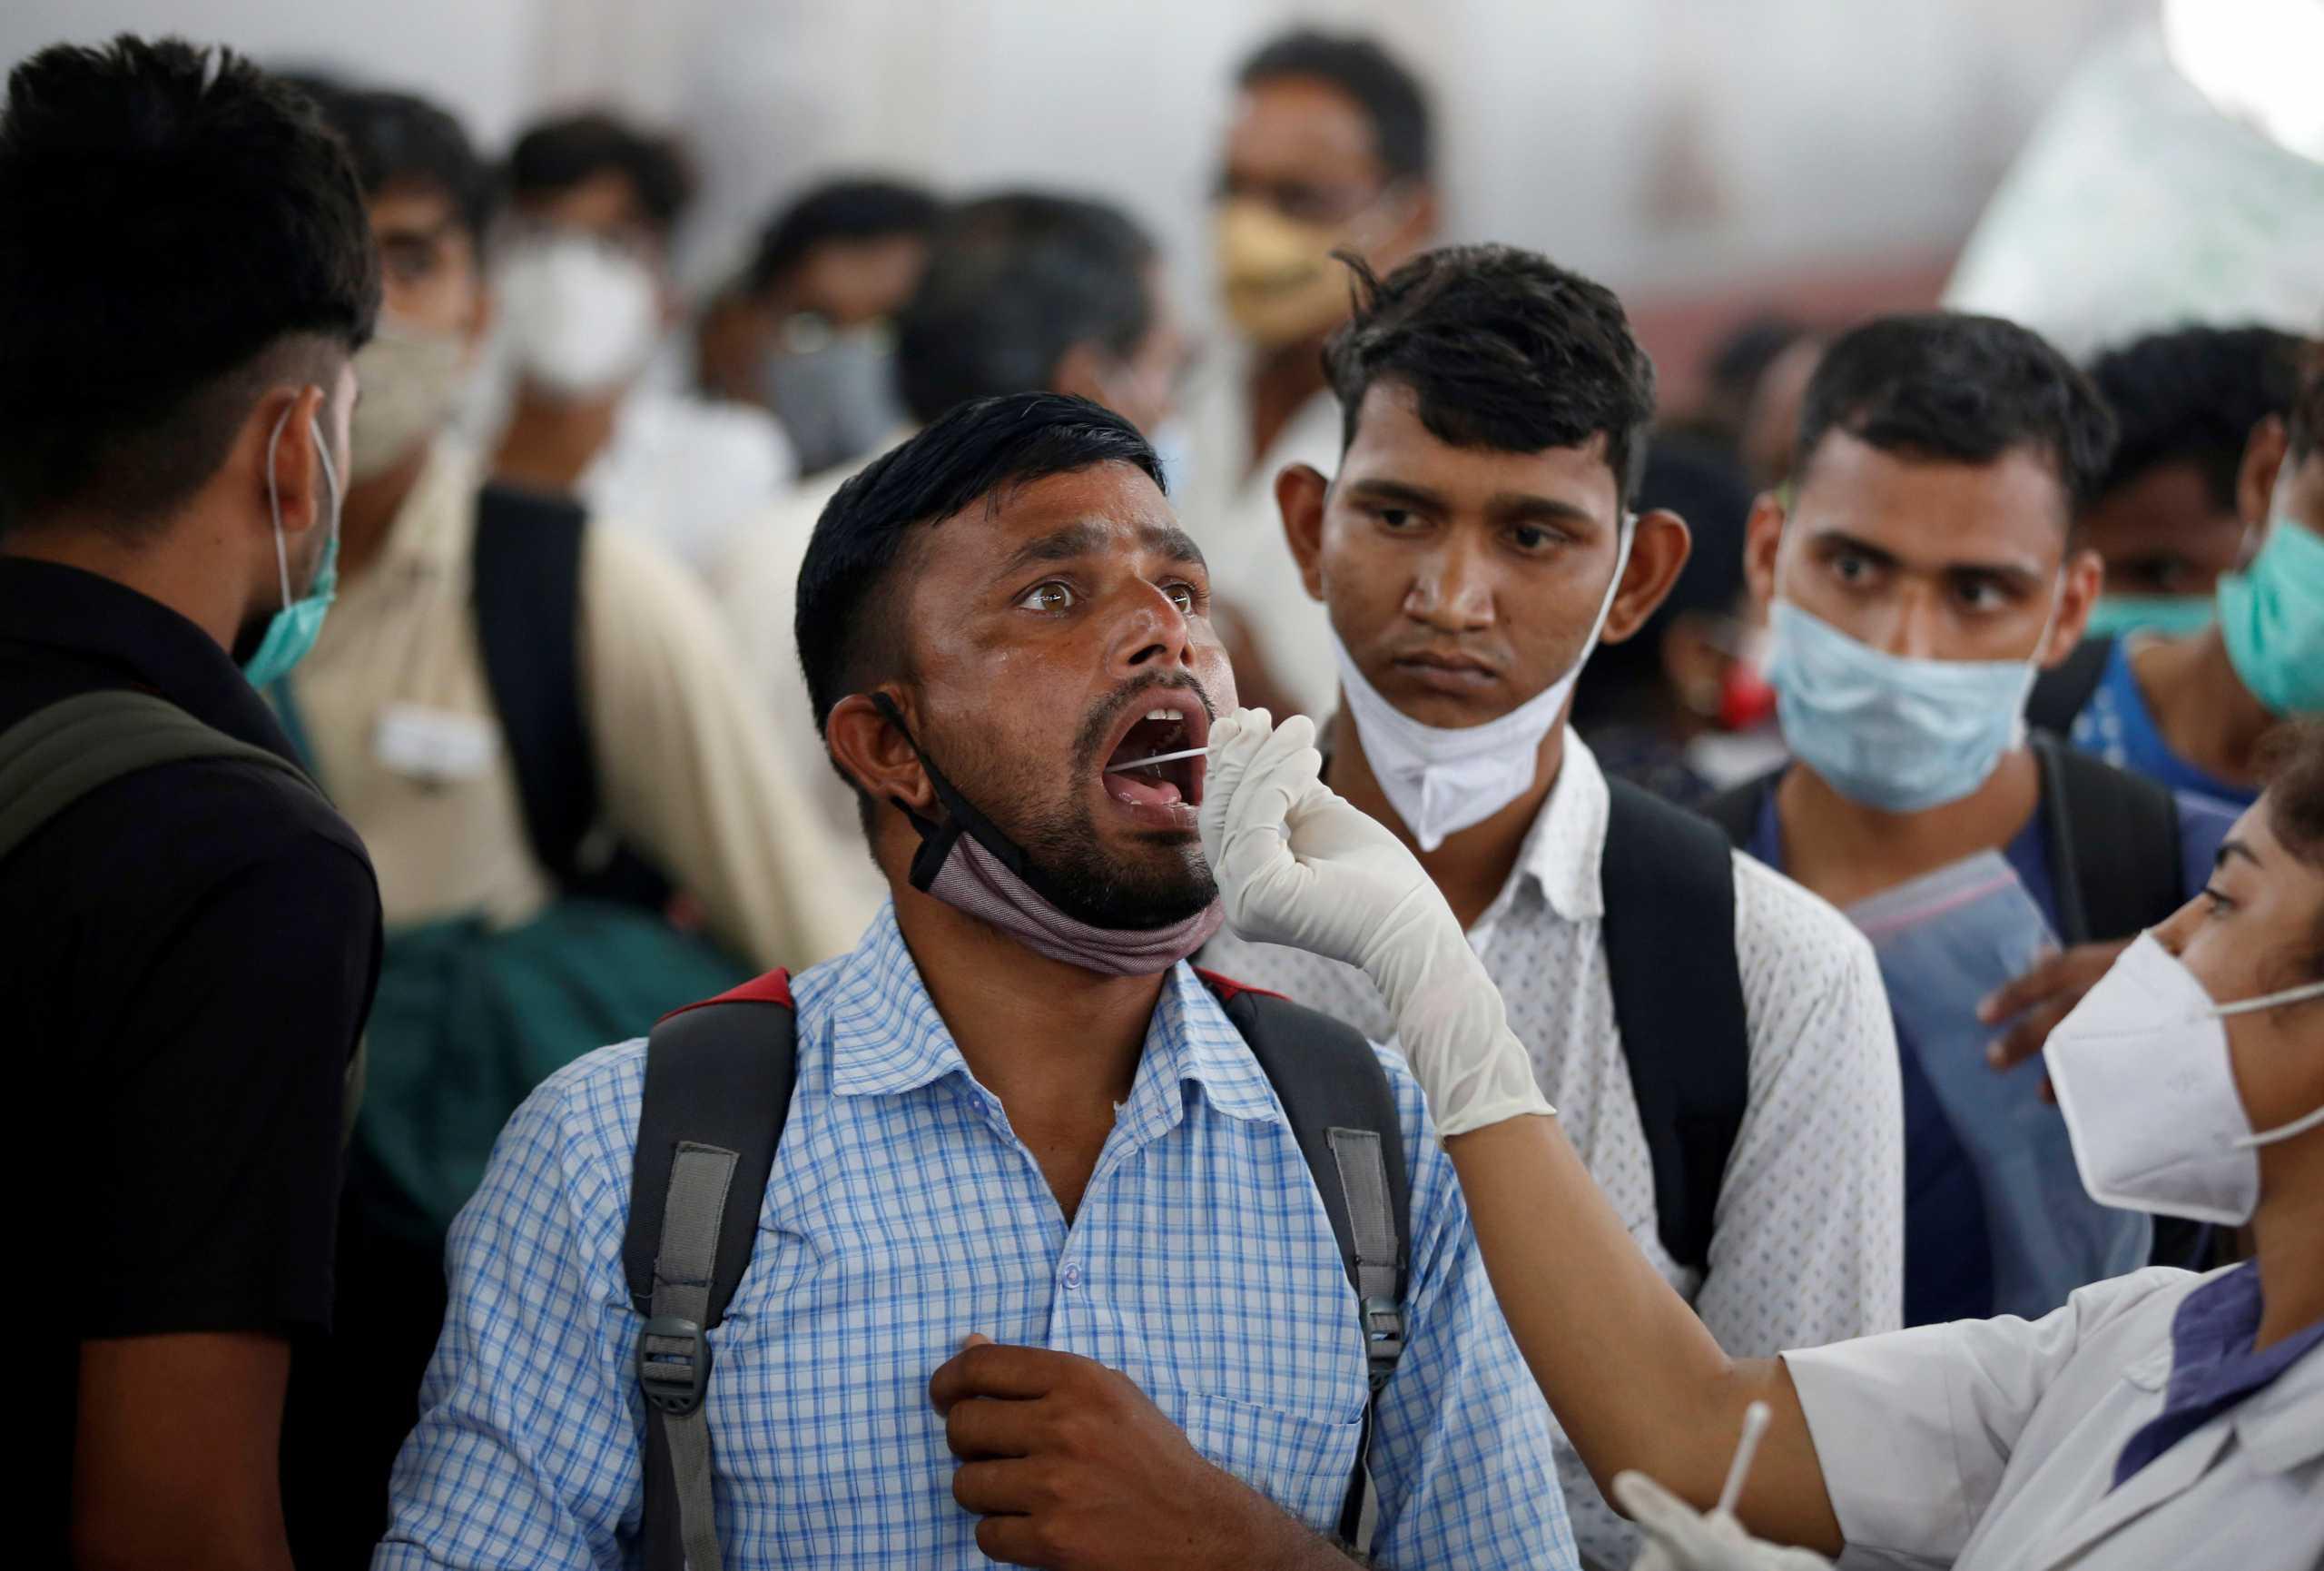 Ανελέητος ο κορονοϊός στην Ινδία: 366 νεκροί και 45.352 κρούσματα